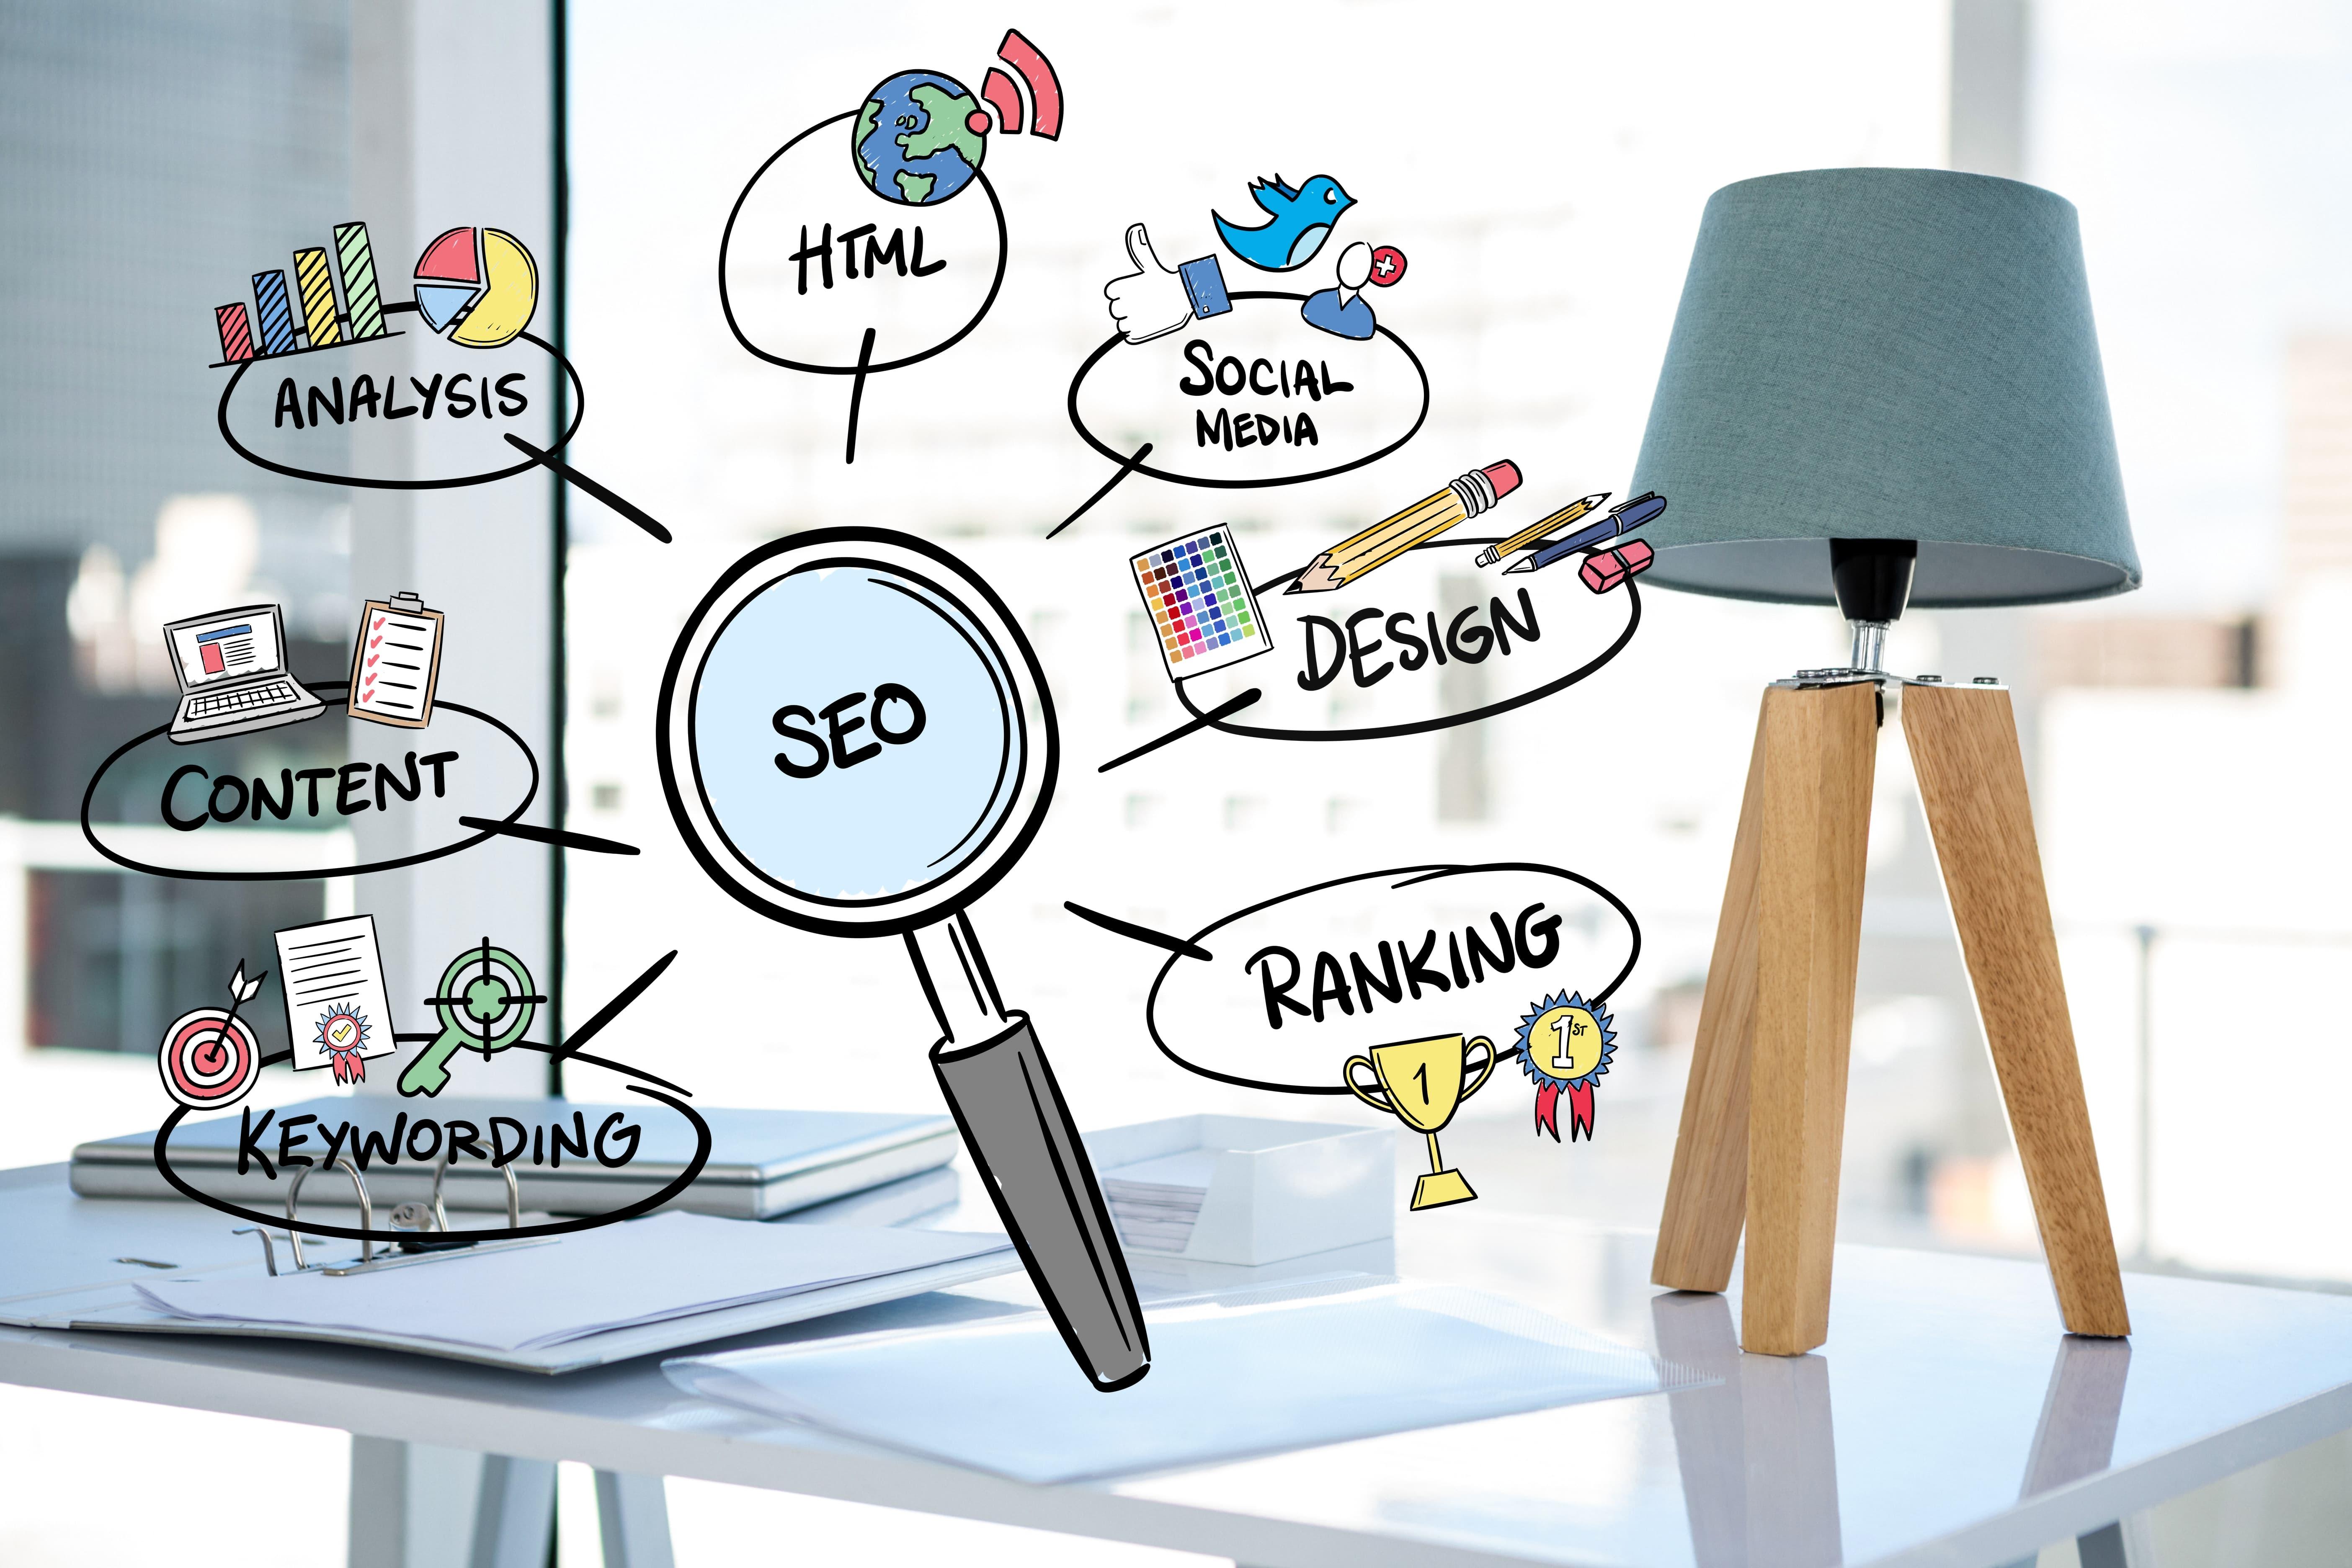 Comment fonctionne le référencement naturel ? 2 Agence Webmarketing Spécialisée SEO